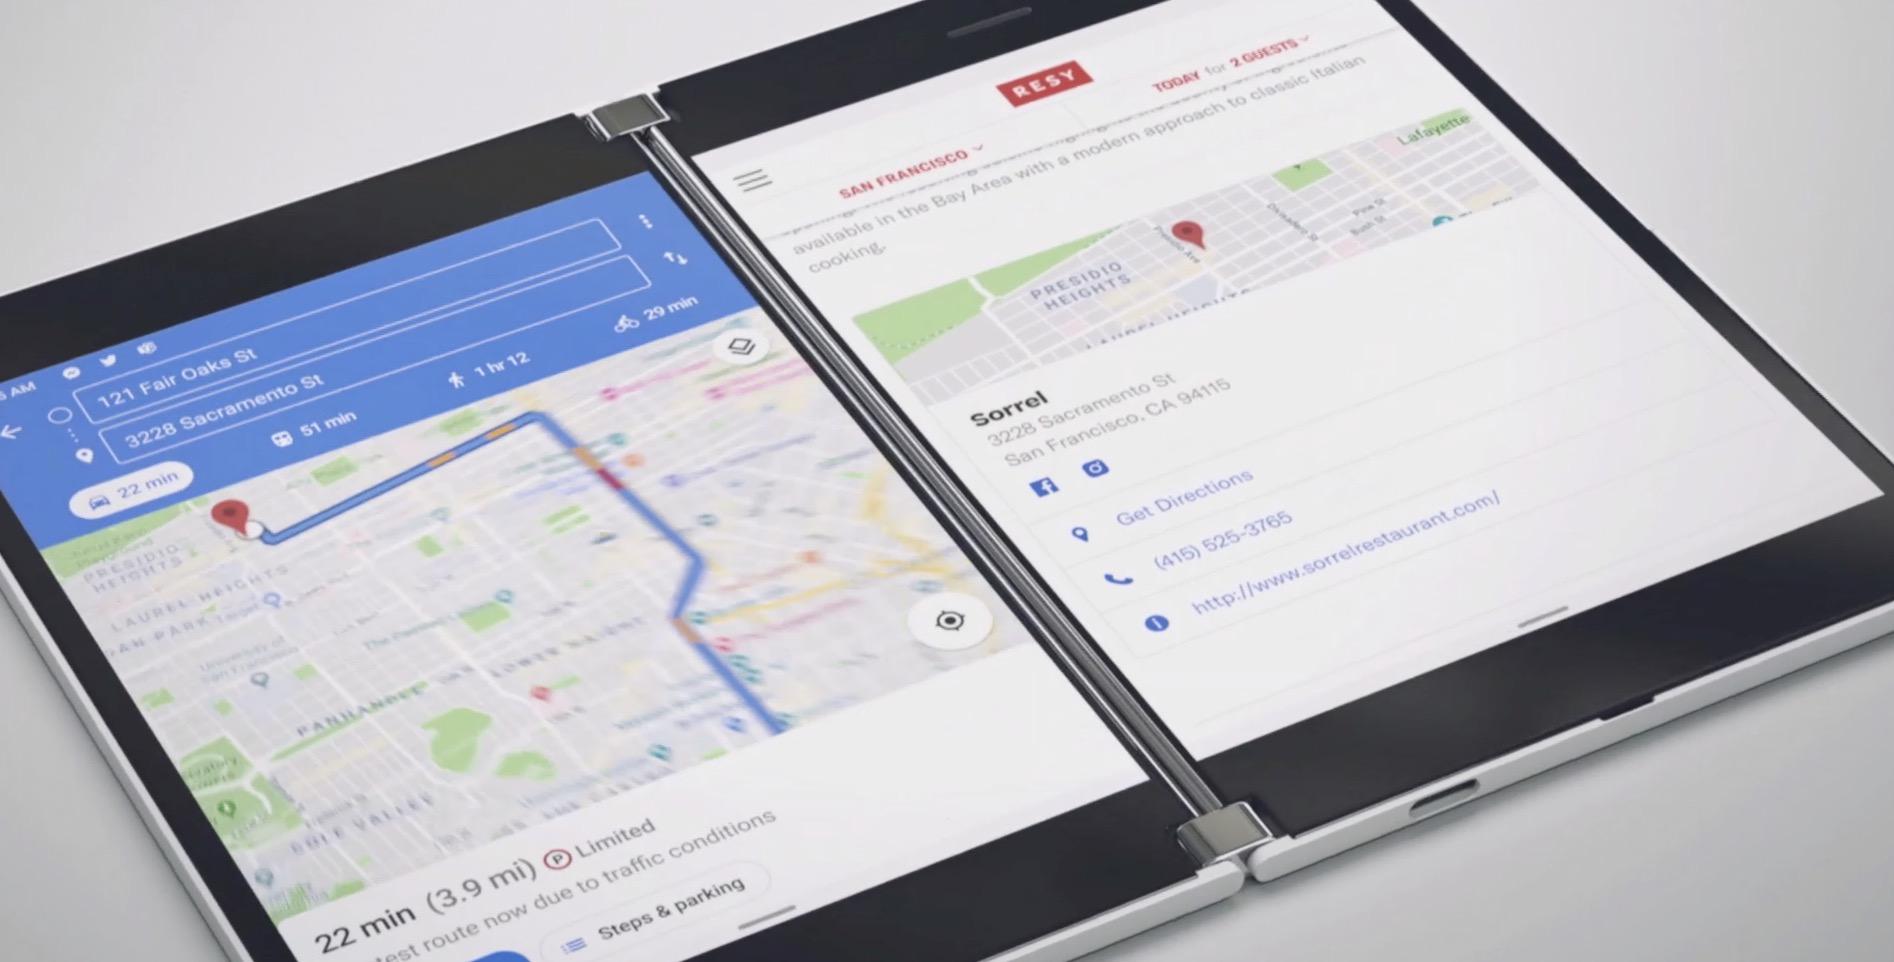 Hau Surface Duo da.  Microsoft-en lehenengo telefonoa Android eta bi pantailarekin